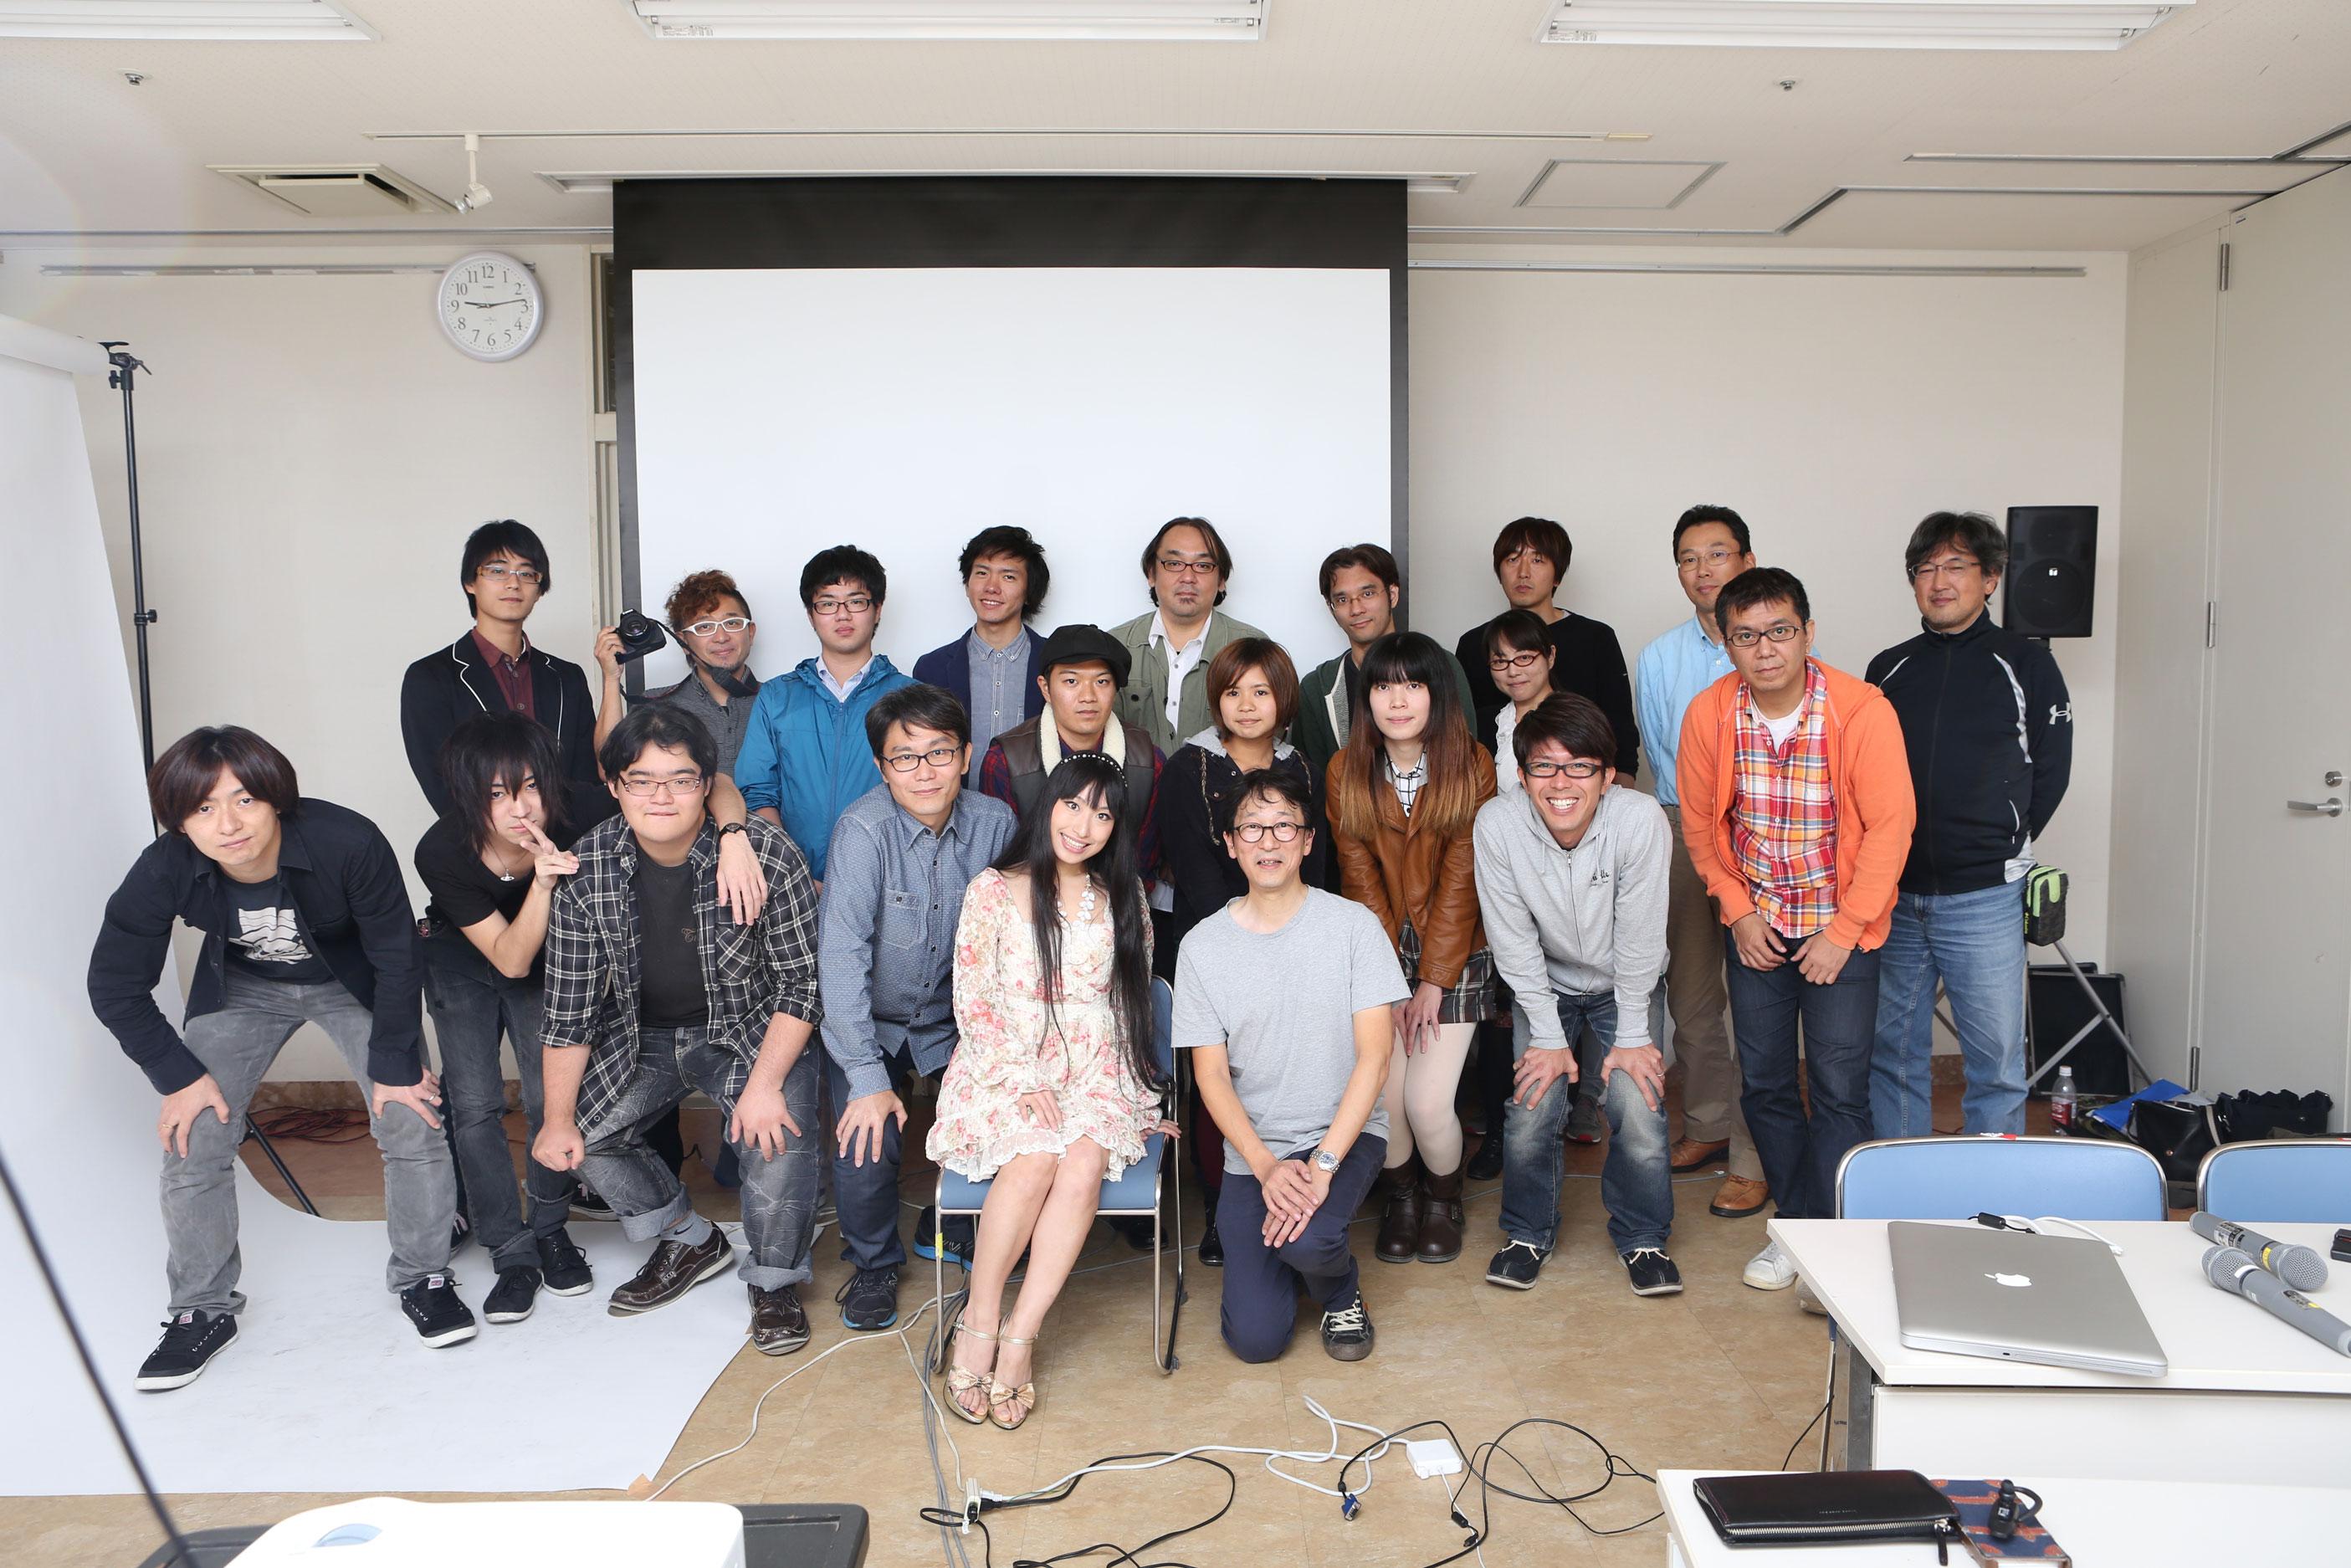 CN15稲垣純也ポートレート撮影ワークショップ 開催しました